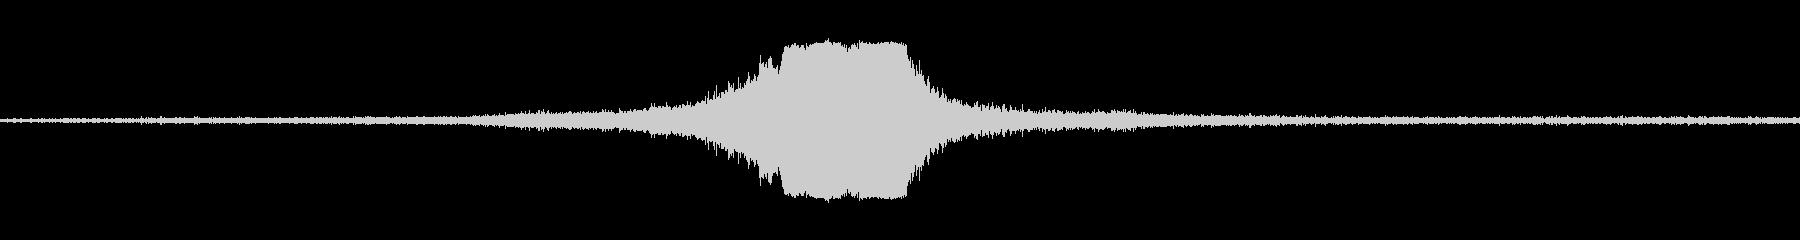 ジェットパスによる小道具の未再生の波形